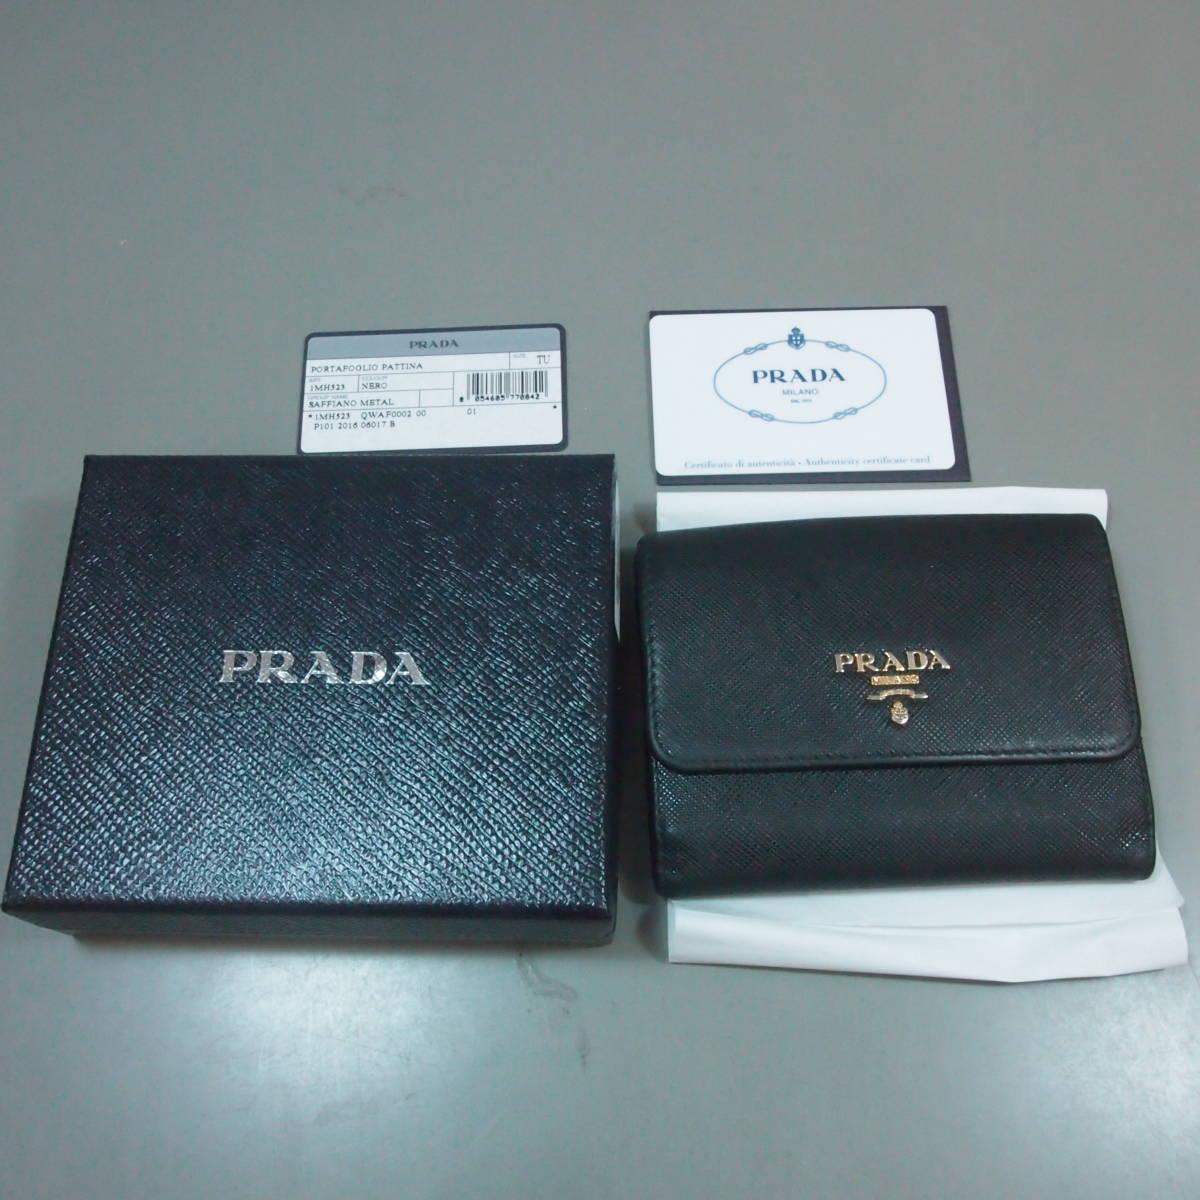 4a594d74c657 PRADA プラダ 二つ折り財布 レザー ウォレット ブラック SAFFIANO METAL NERO 1MH523 ギャラ付きの1